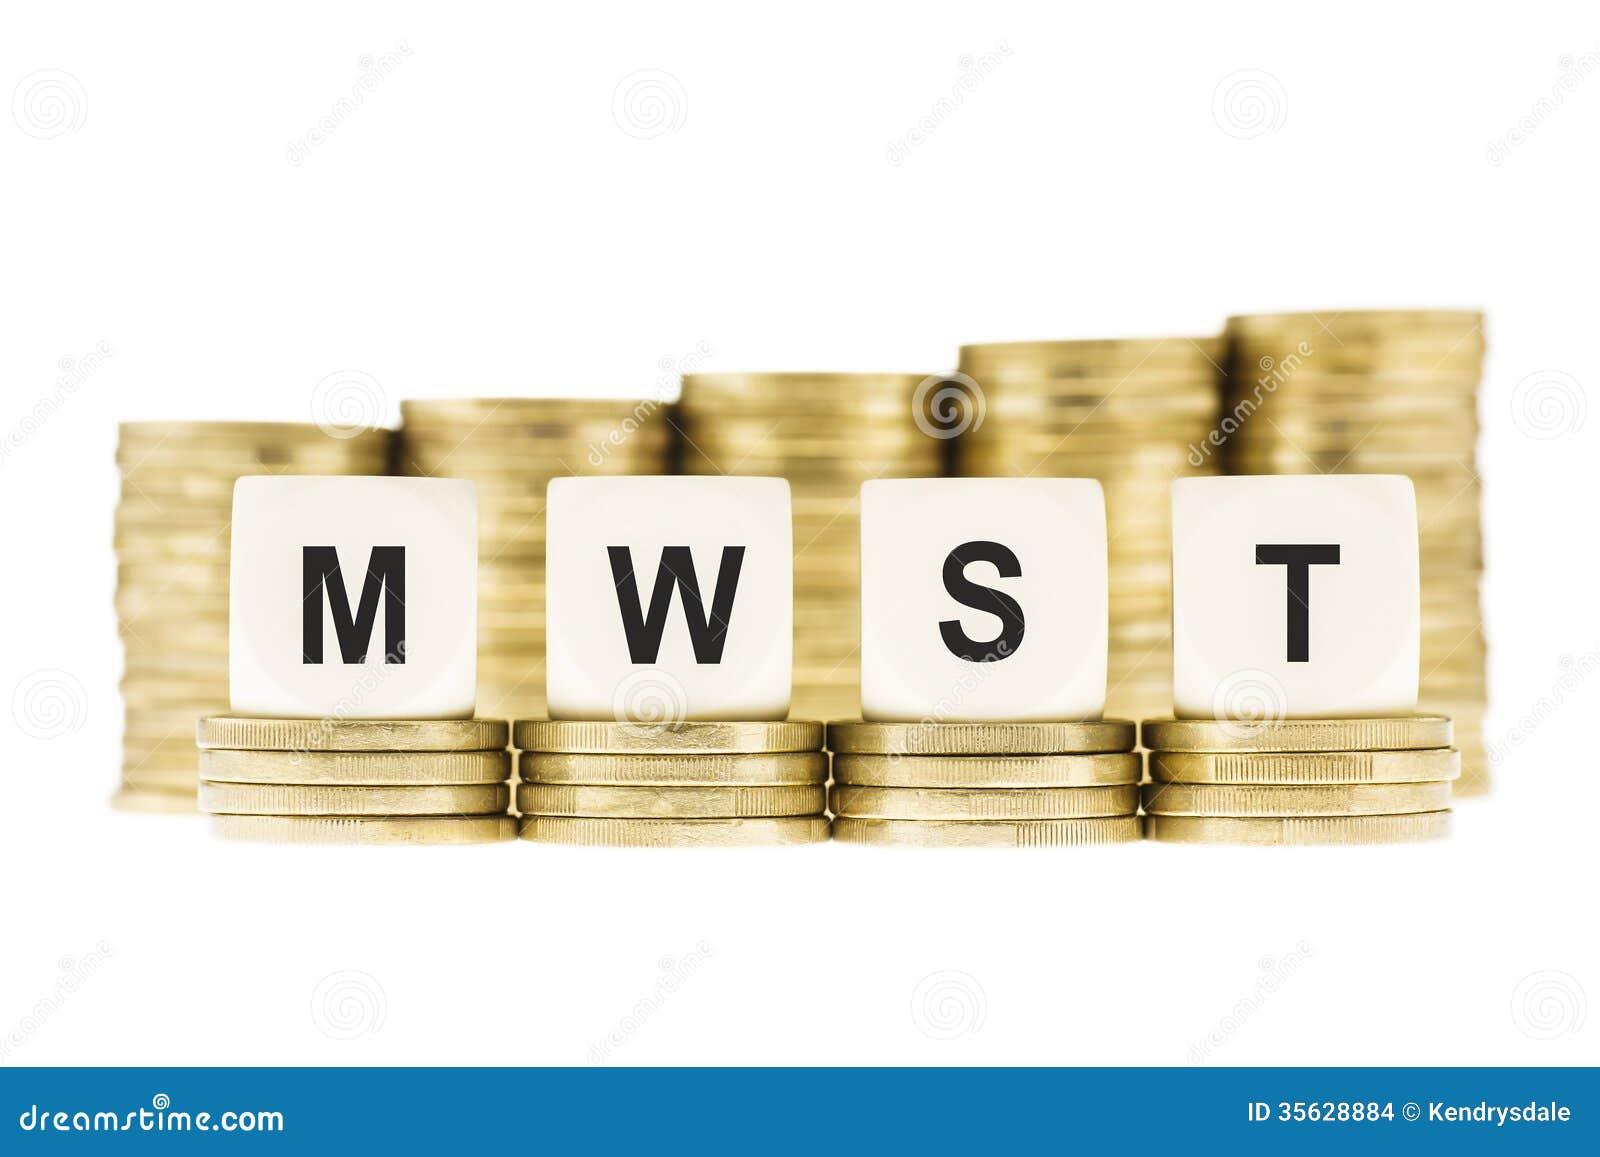 Belasting op stock options belgium